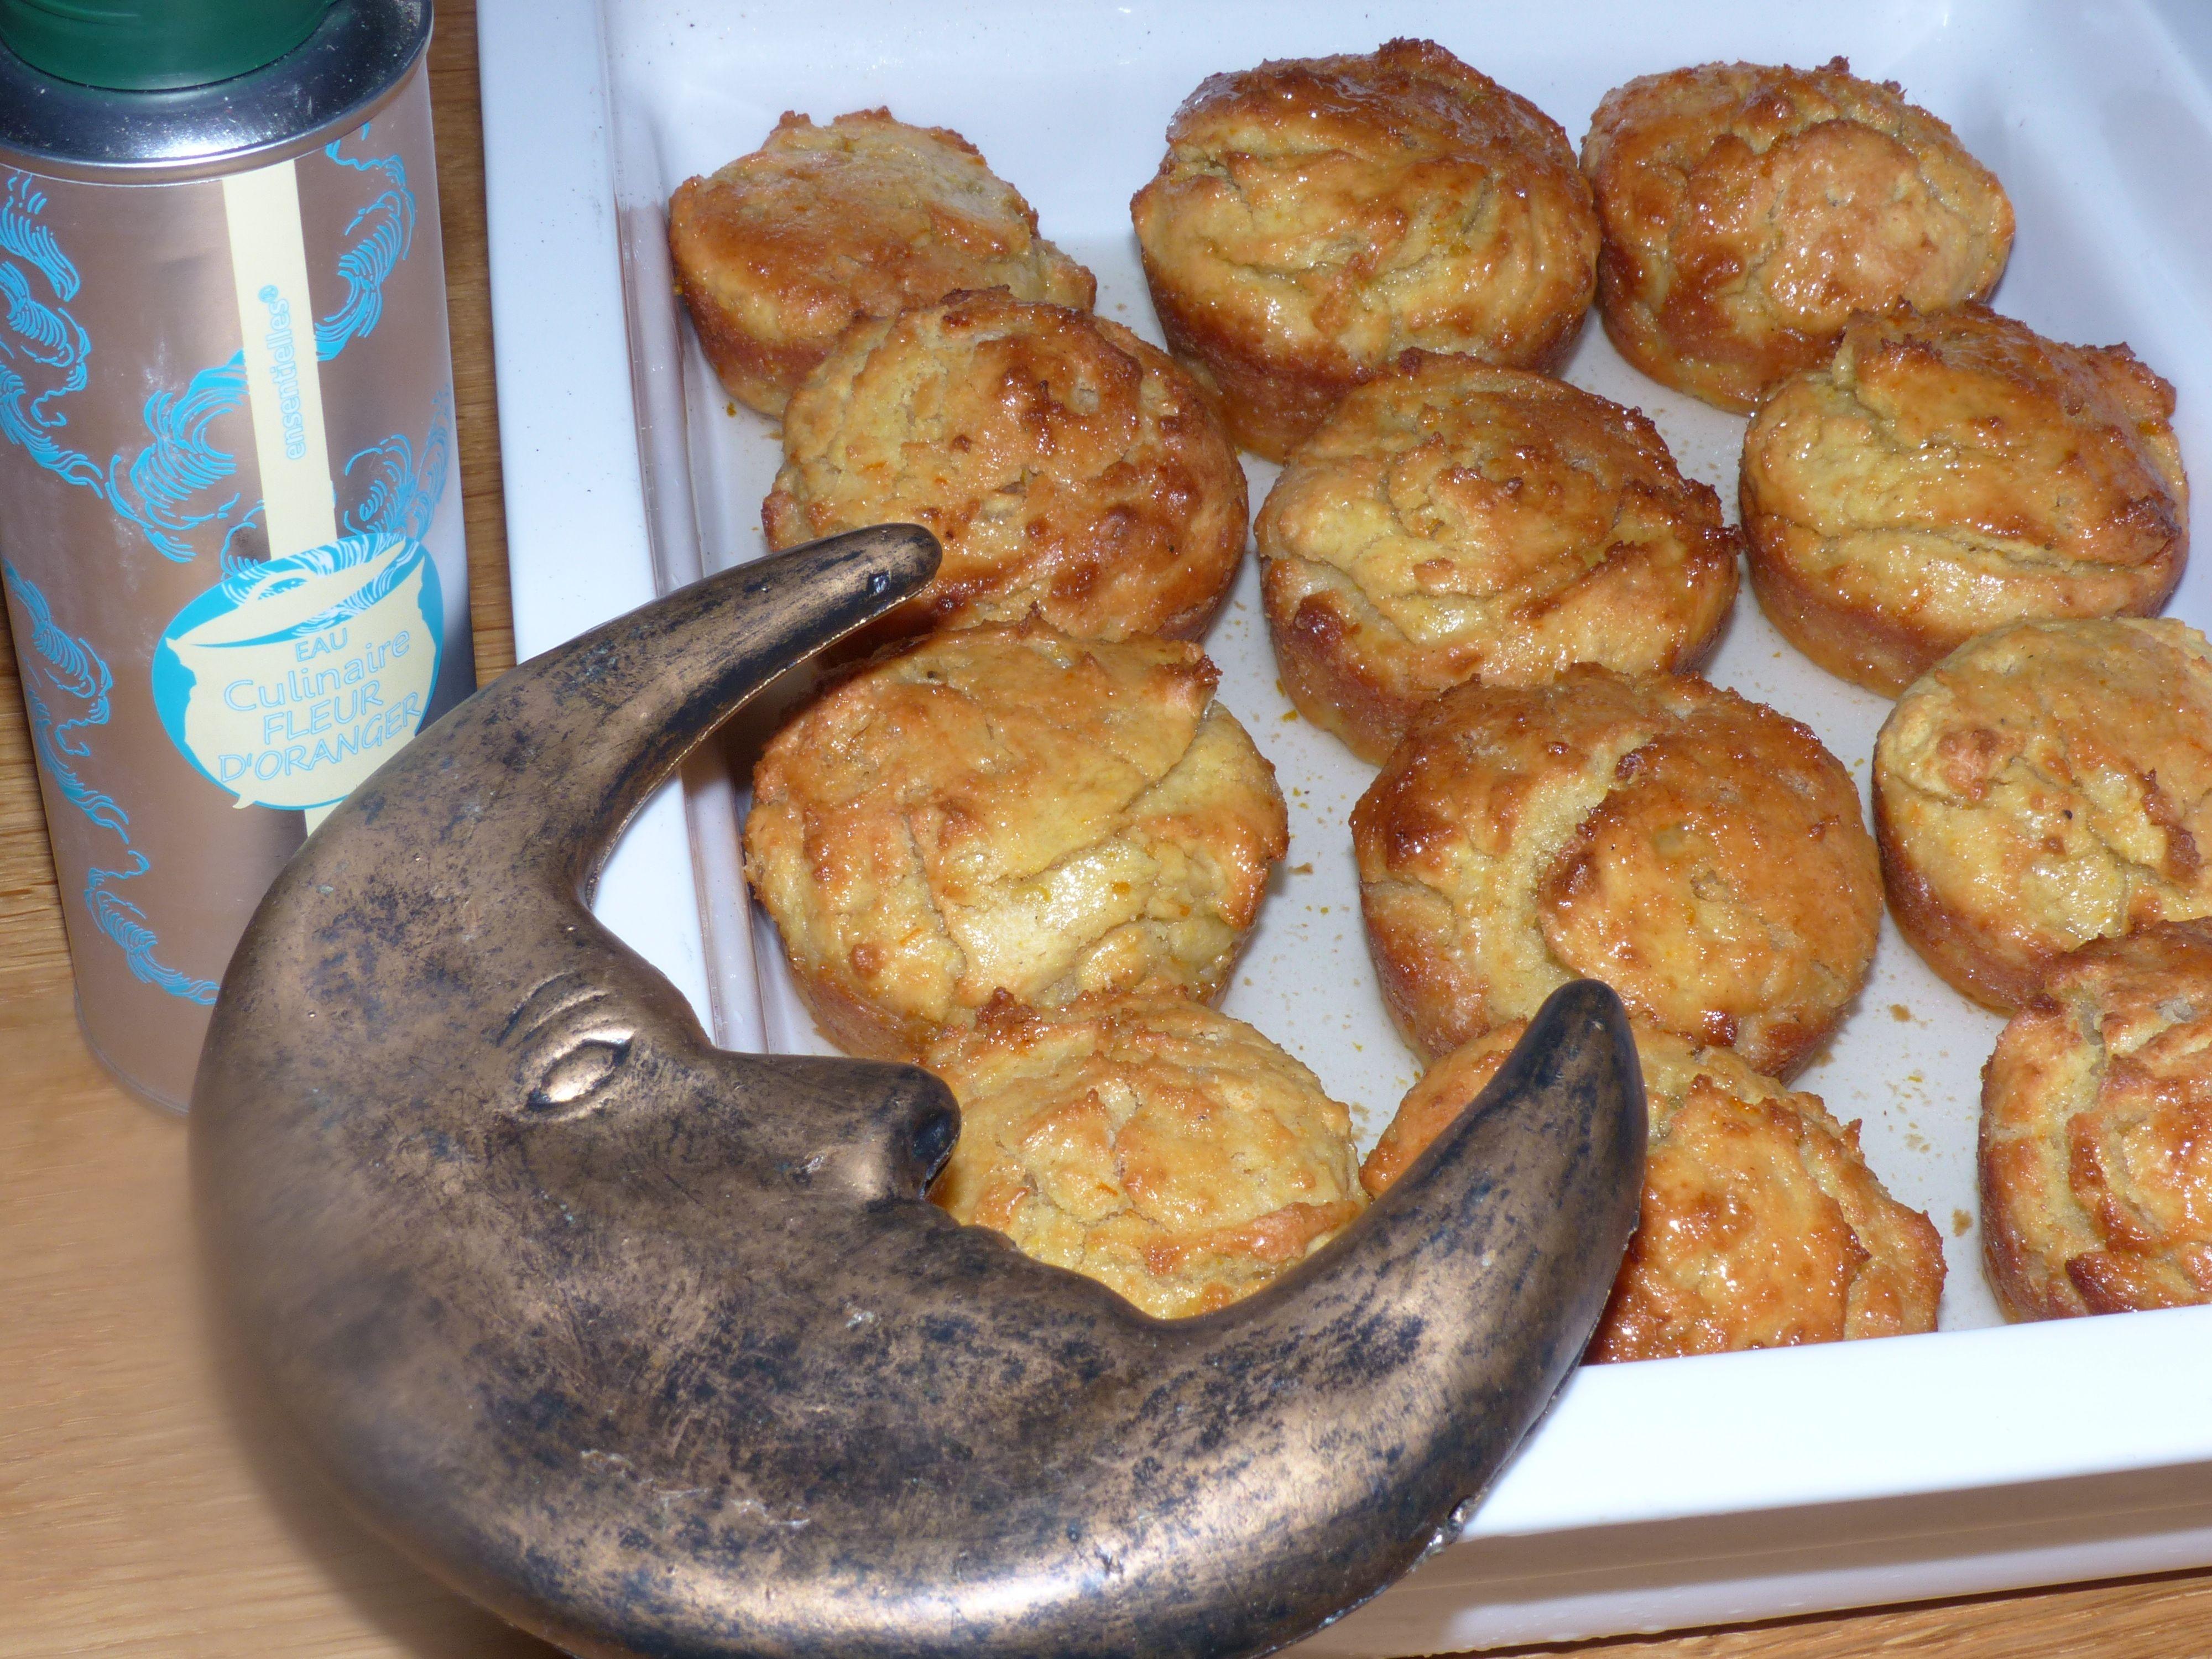 Immer auf der Suche nach Rezepten mit Orangenblütenwasser. Hier kleine Orangen-Kardamon-Kuchen, die noch warm mit dem Orangenblütenwasser-Sirup übergossen werden.   http://www.provence-onlineshop.com/Genusswelt/Bluetenwasser/Orangenbluetenwasser-zum-Kochen-und-Backen-Bio-200-ml::26.html